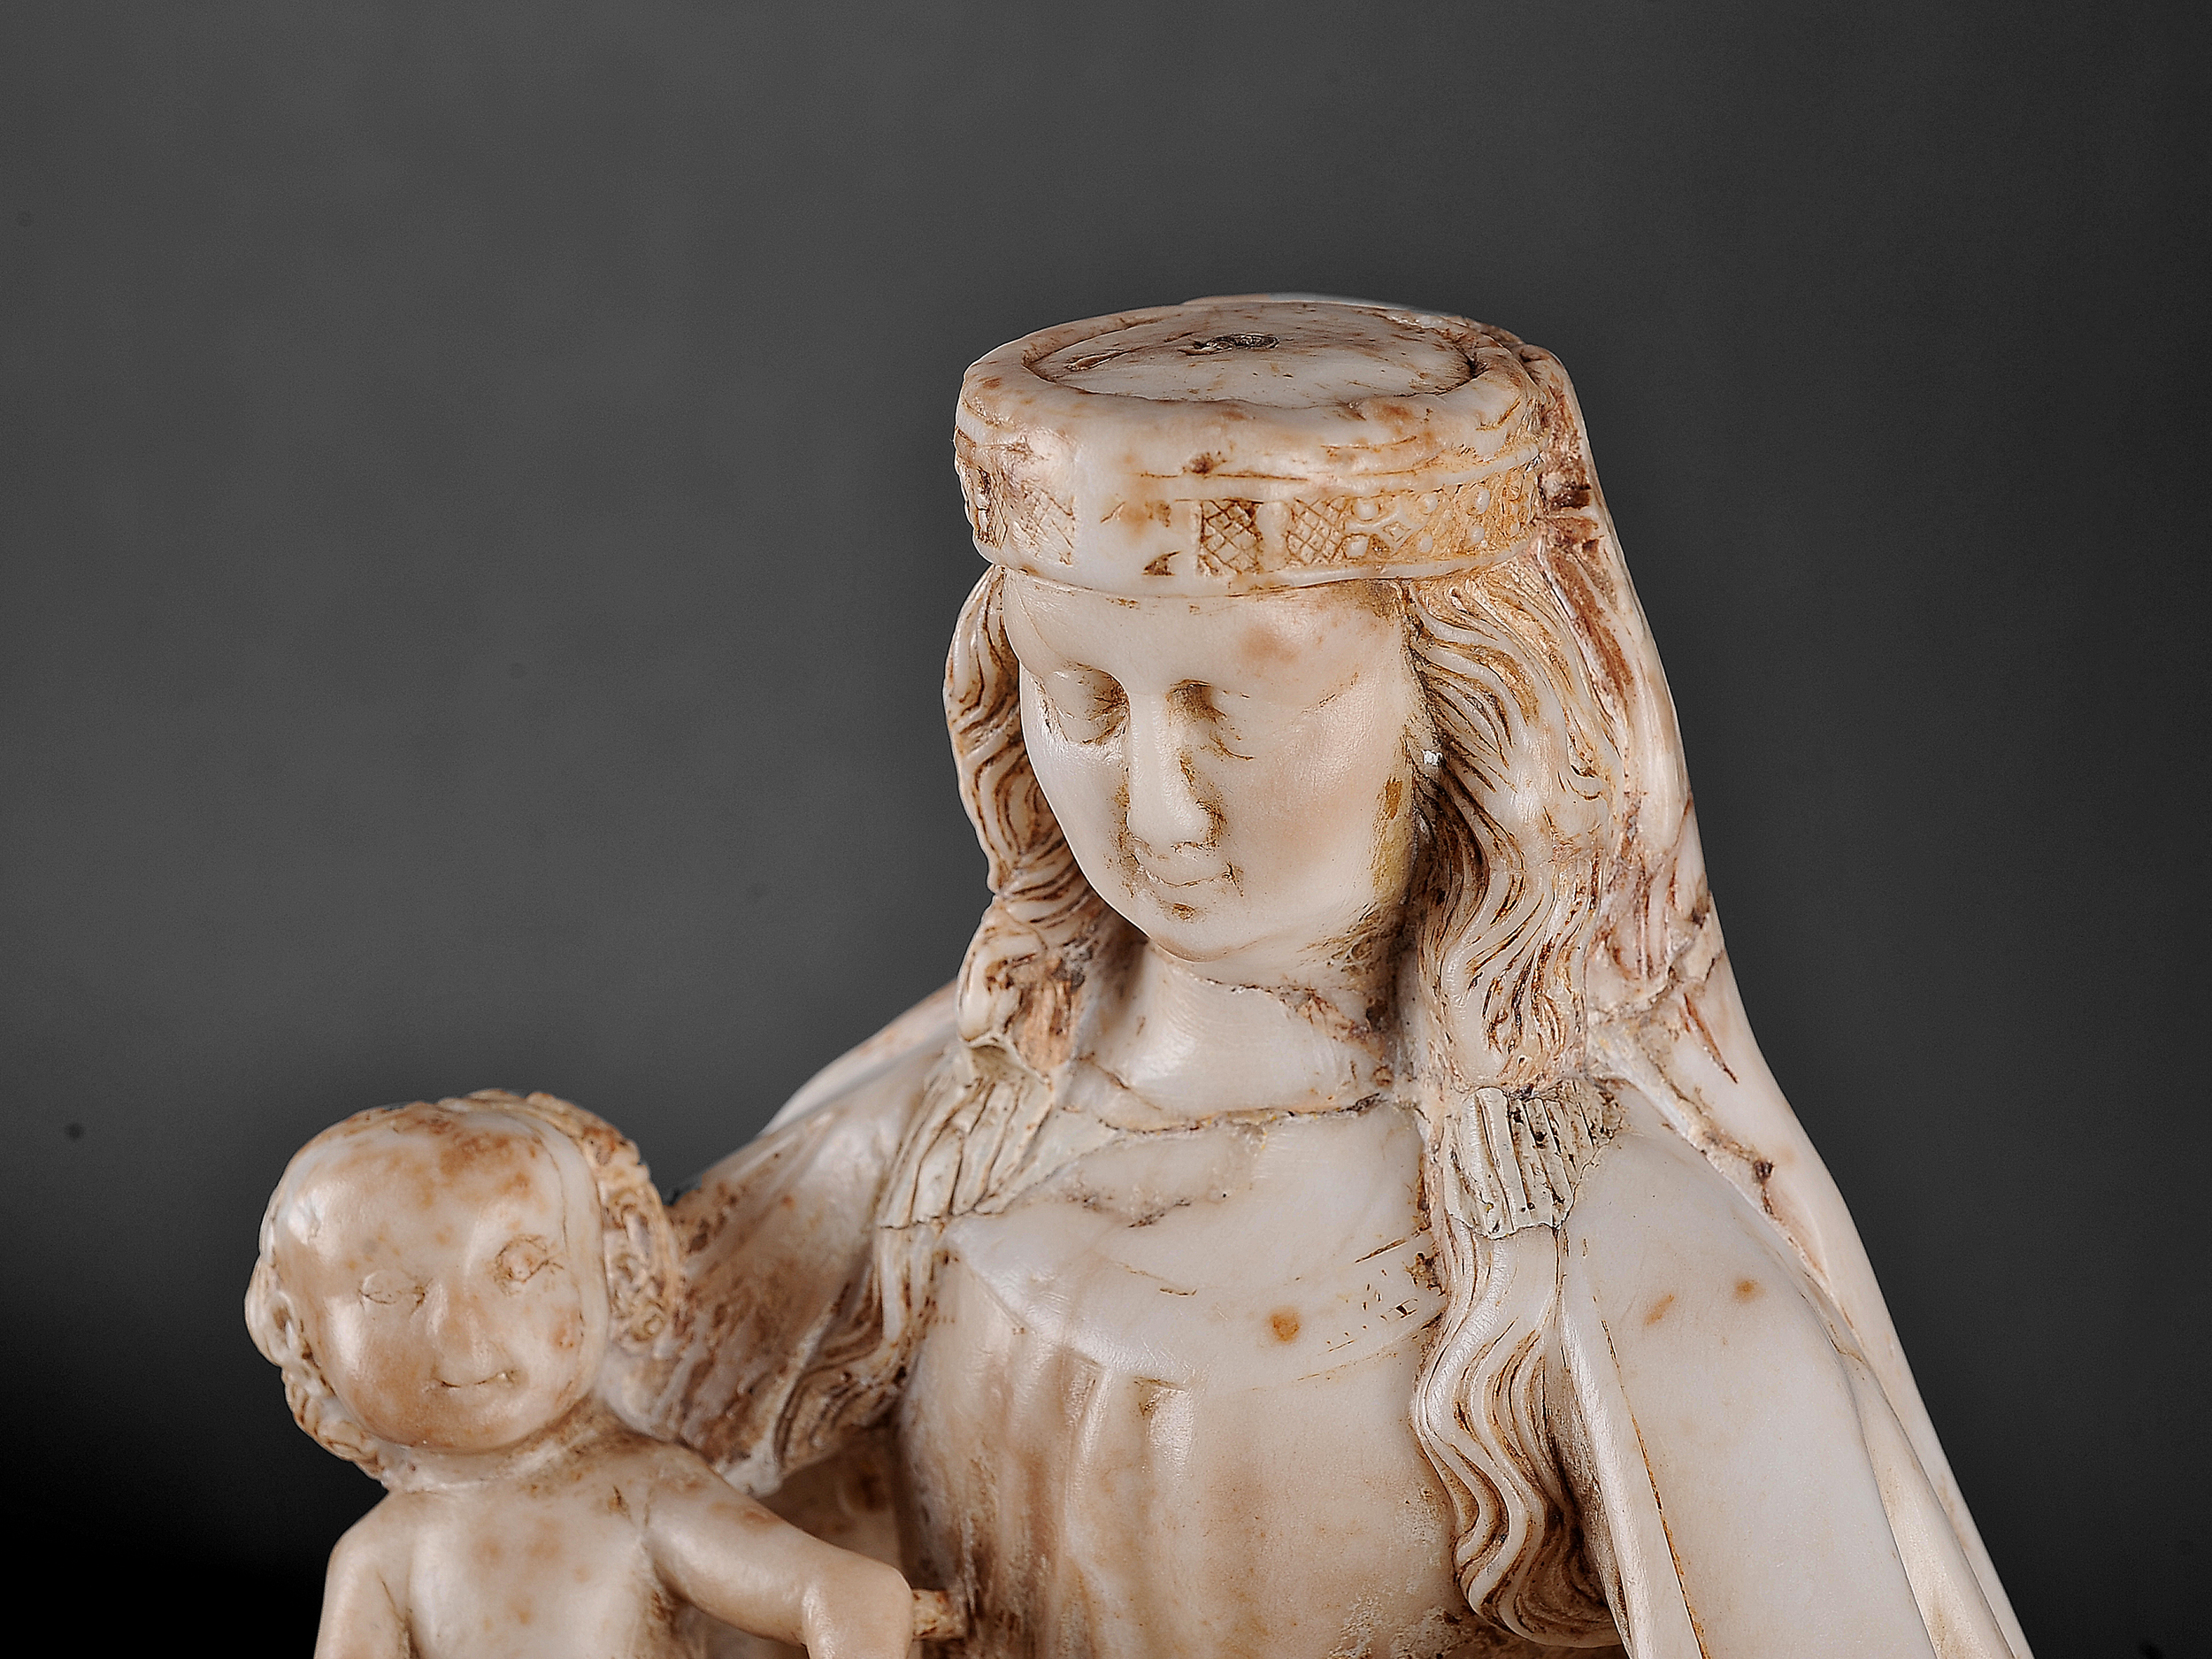 Gil de Siloe, Antwerpen 1440 – 1501 Burgos (und Werkstatt), Sitzende Madonna, um 1485/90 - Image 14 of 25